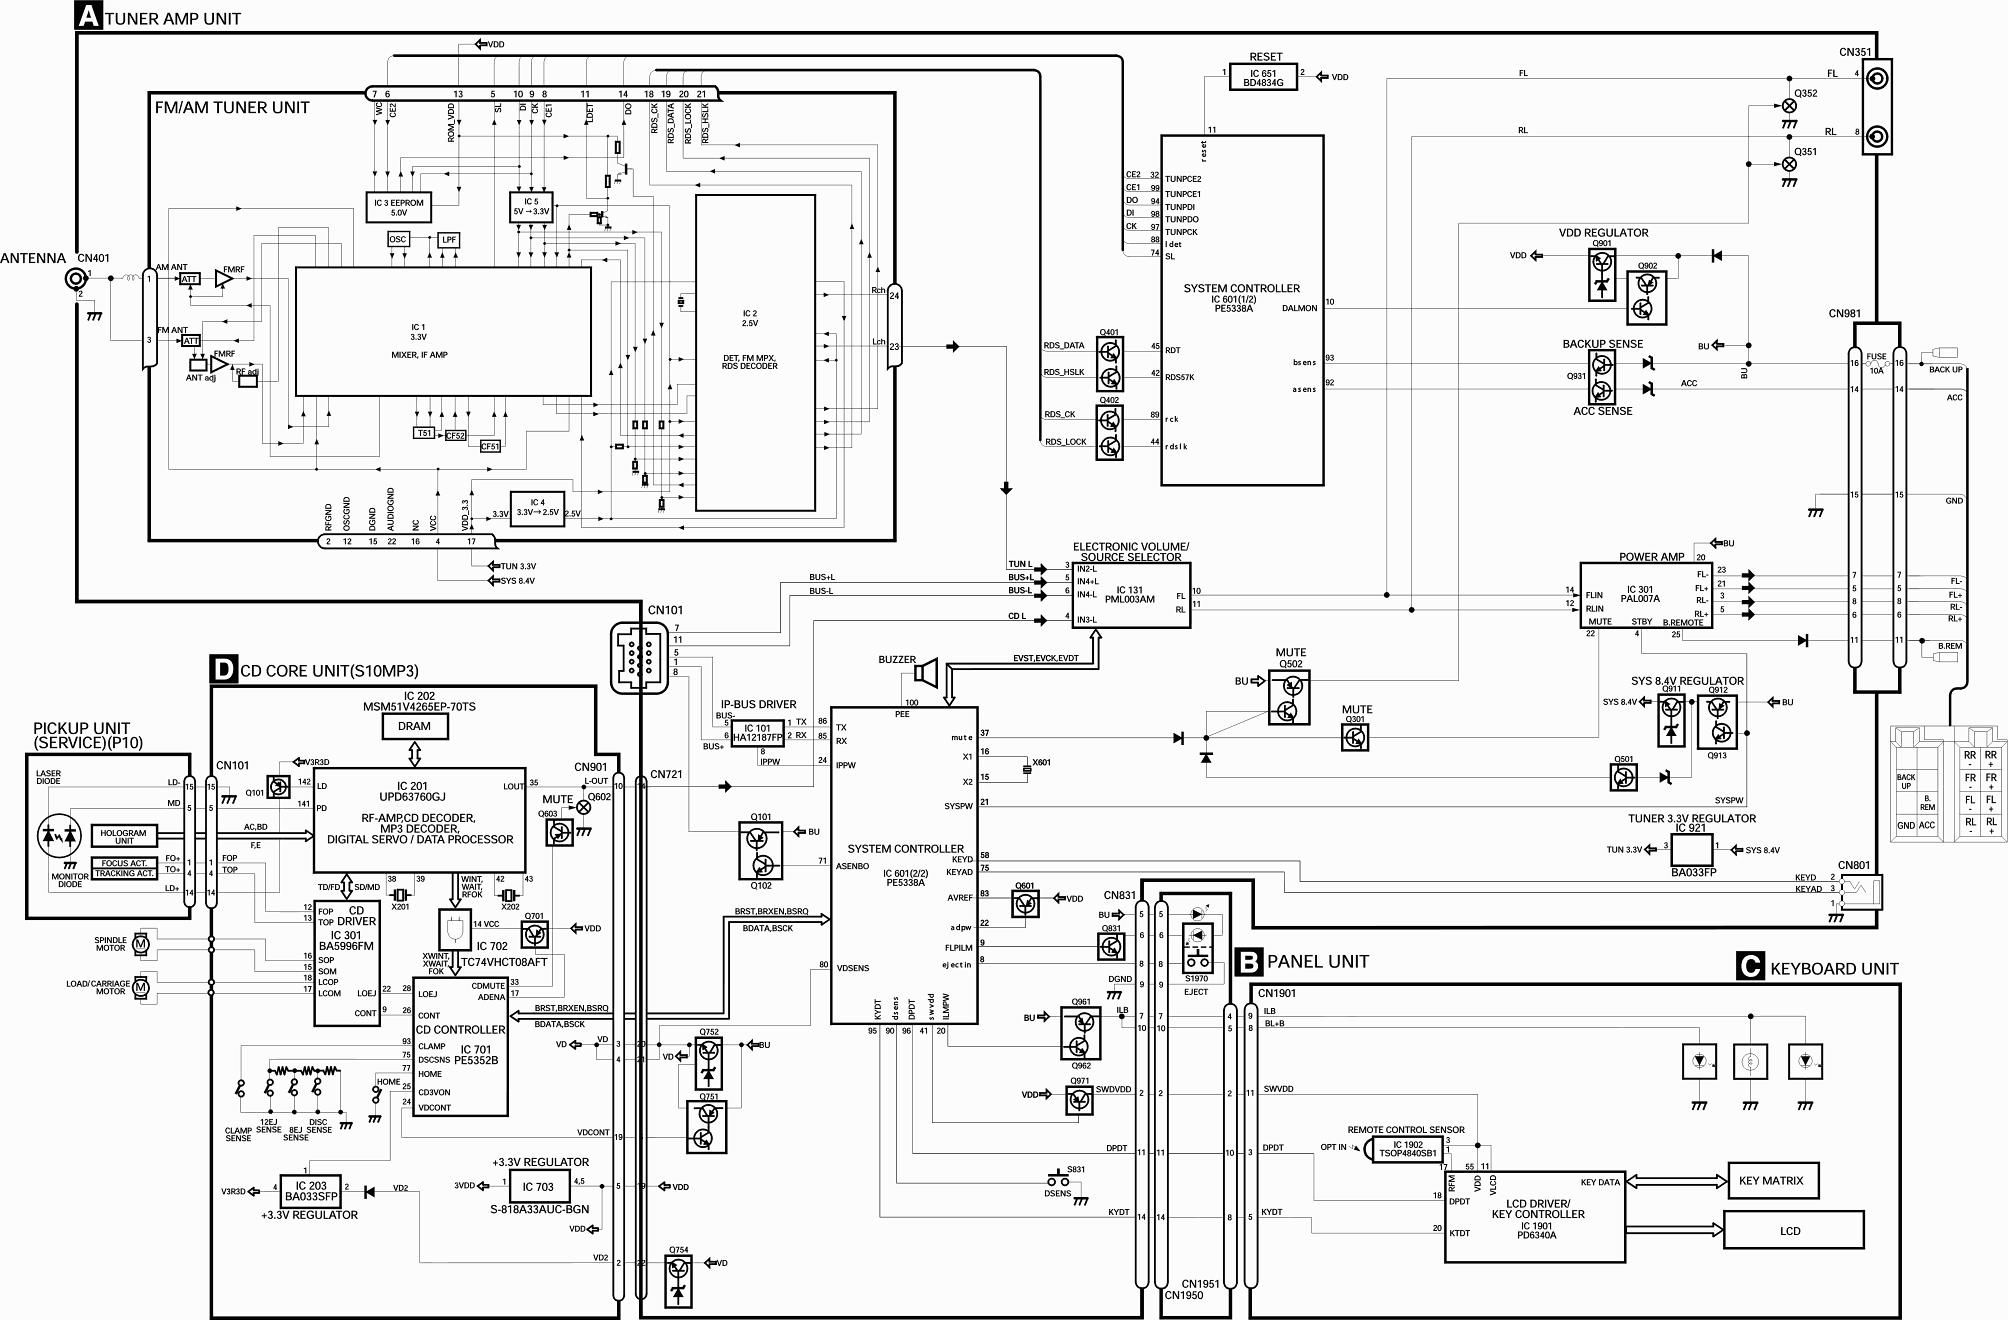 Cd 6 f 11 микросхема схема подключения 634